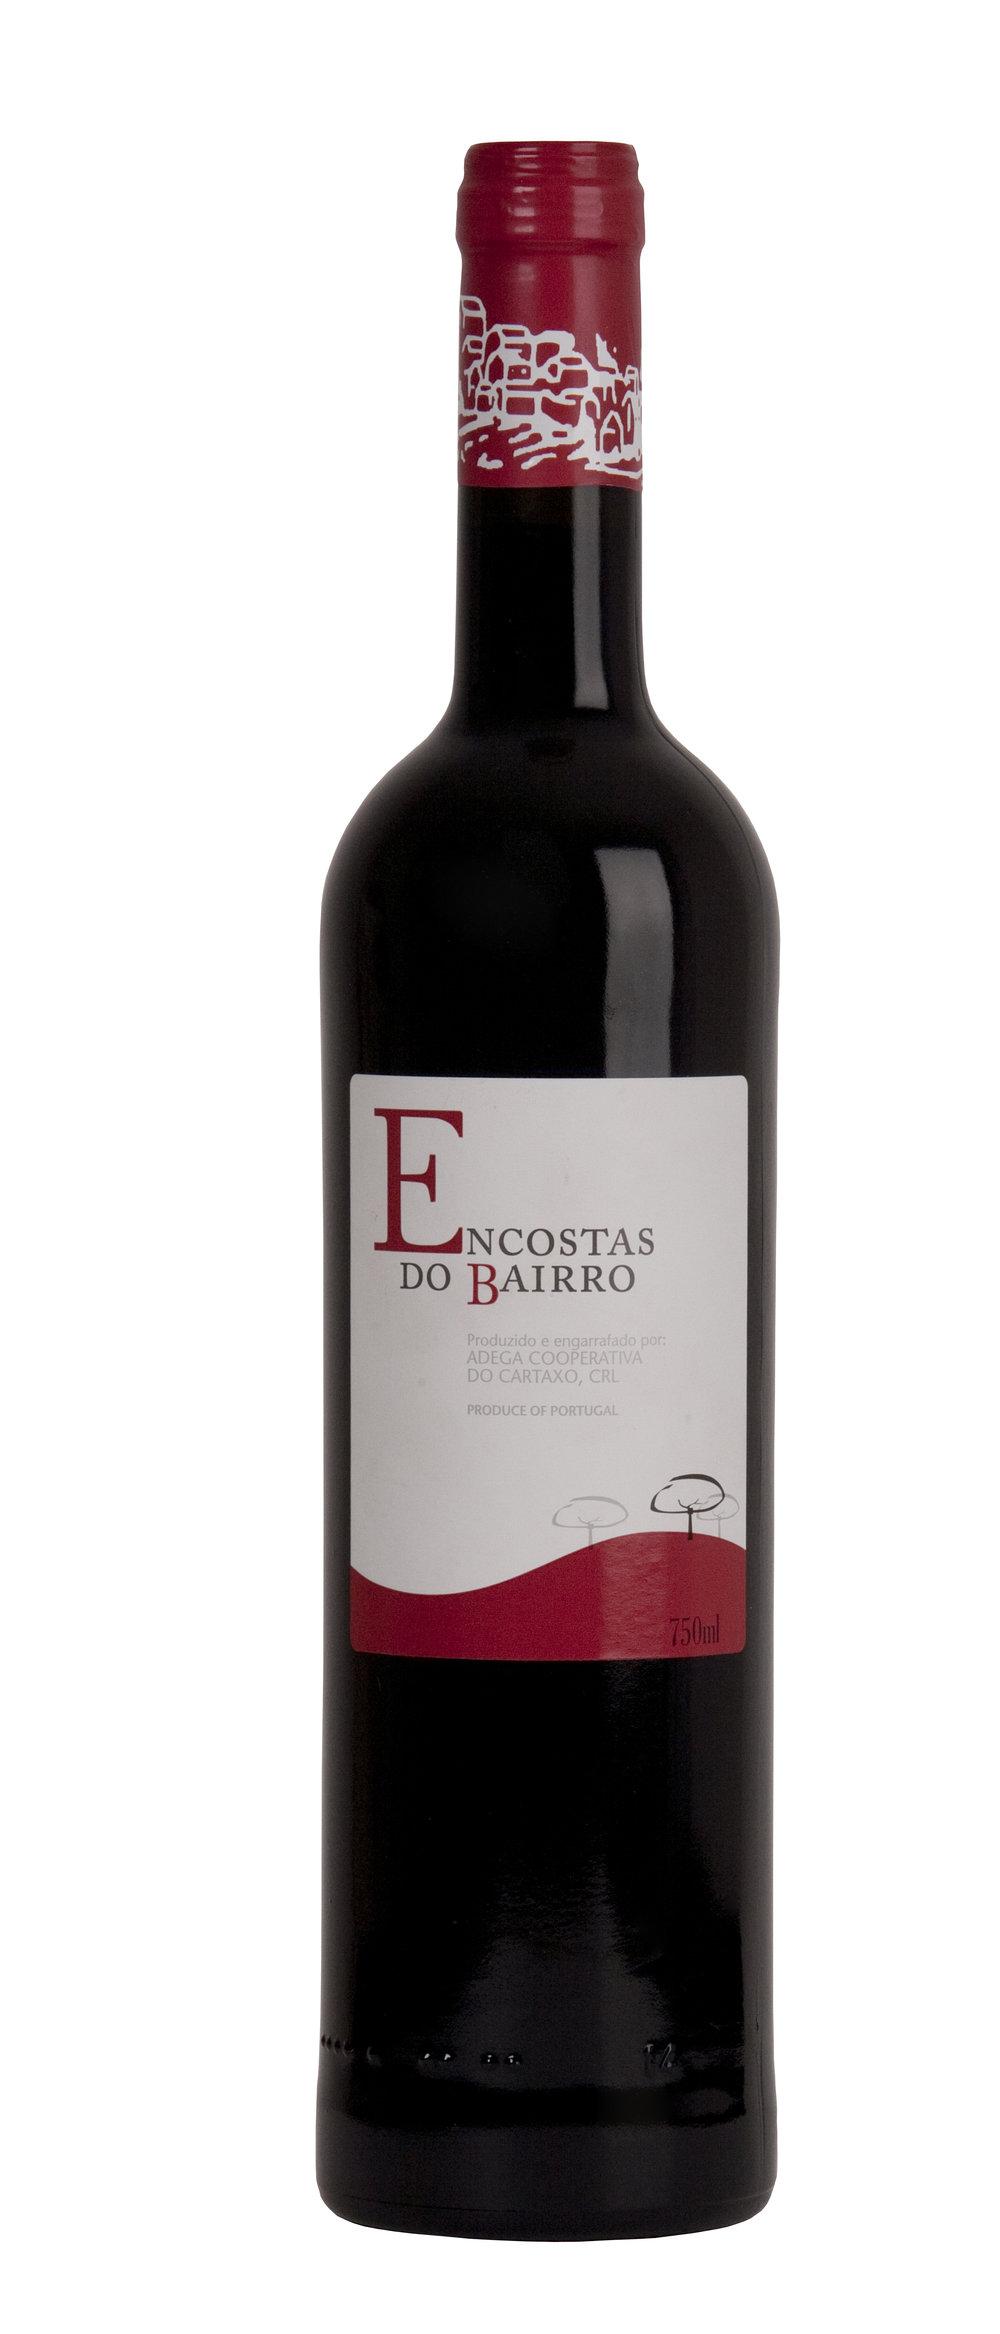 ENCOSTAS DO BAIRRO Red